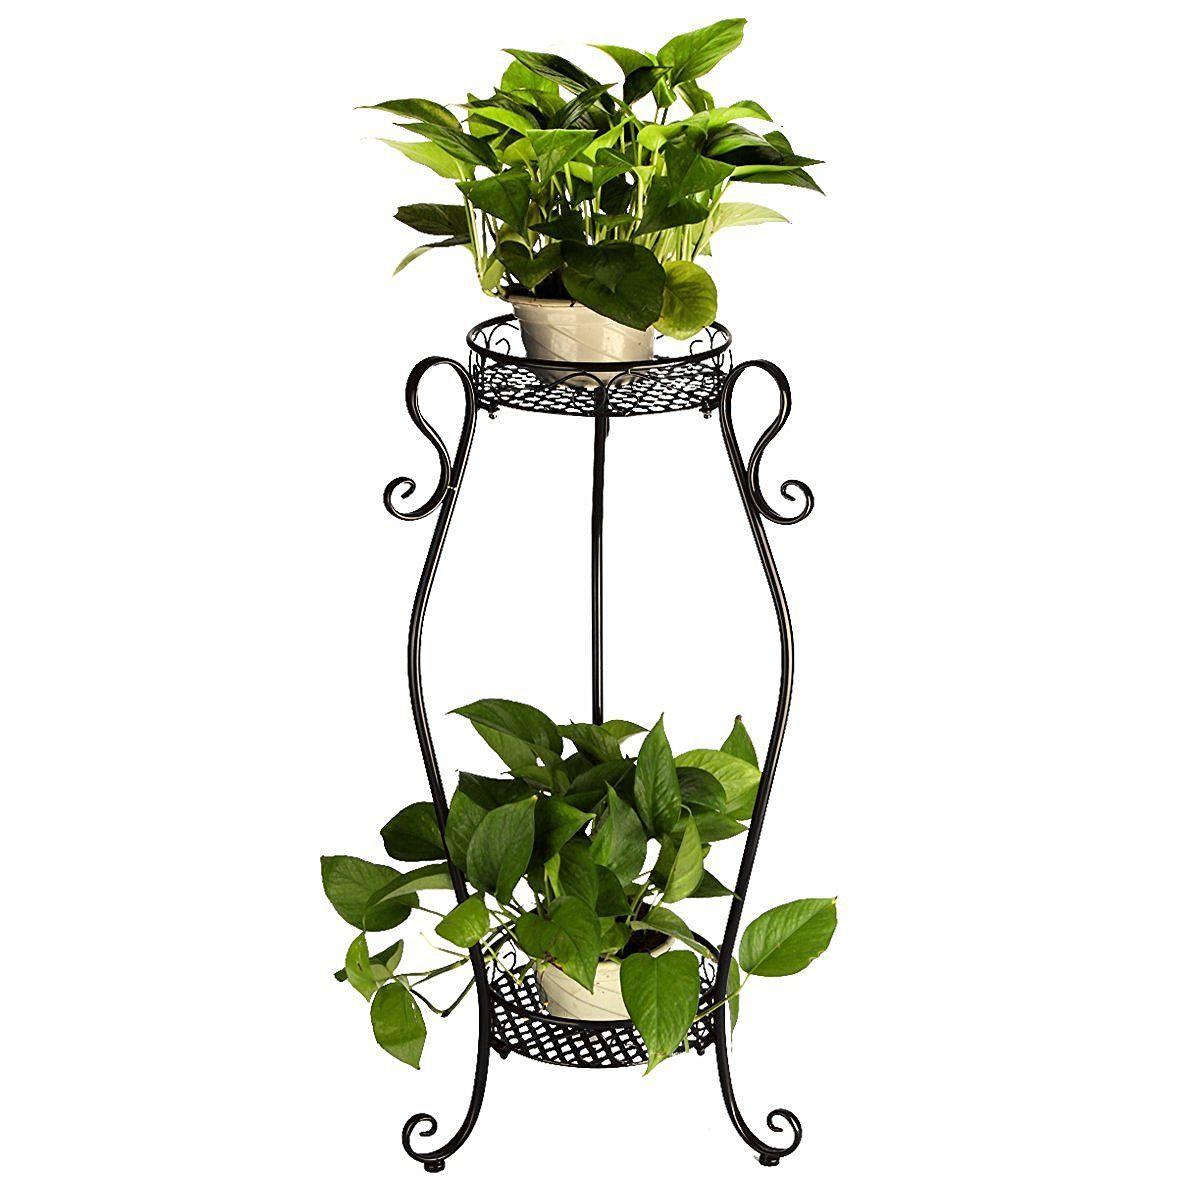 tag re colonne pots de fleurs plantes jardini re en m tal. Black Bedroom Furniture Sets. Home Design Ideas